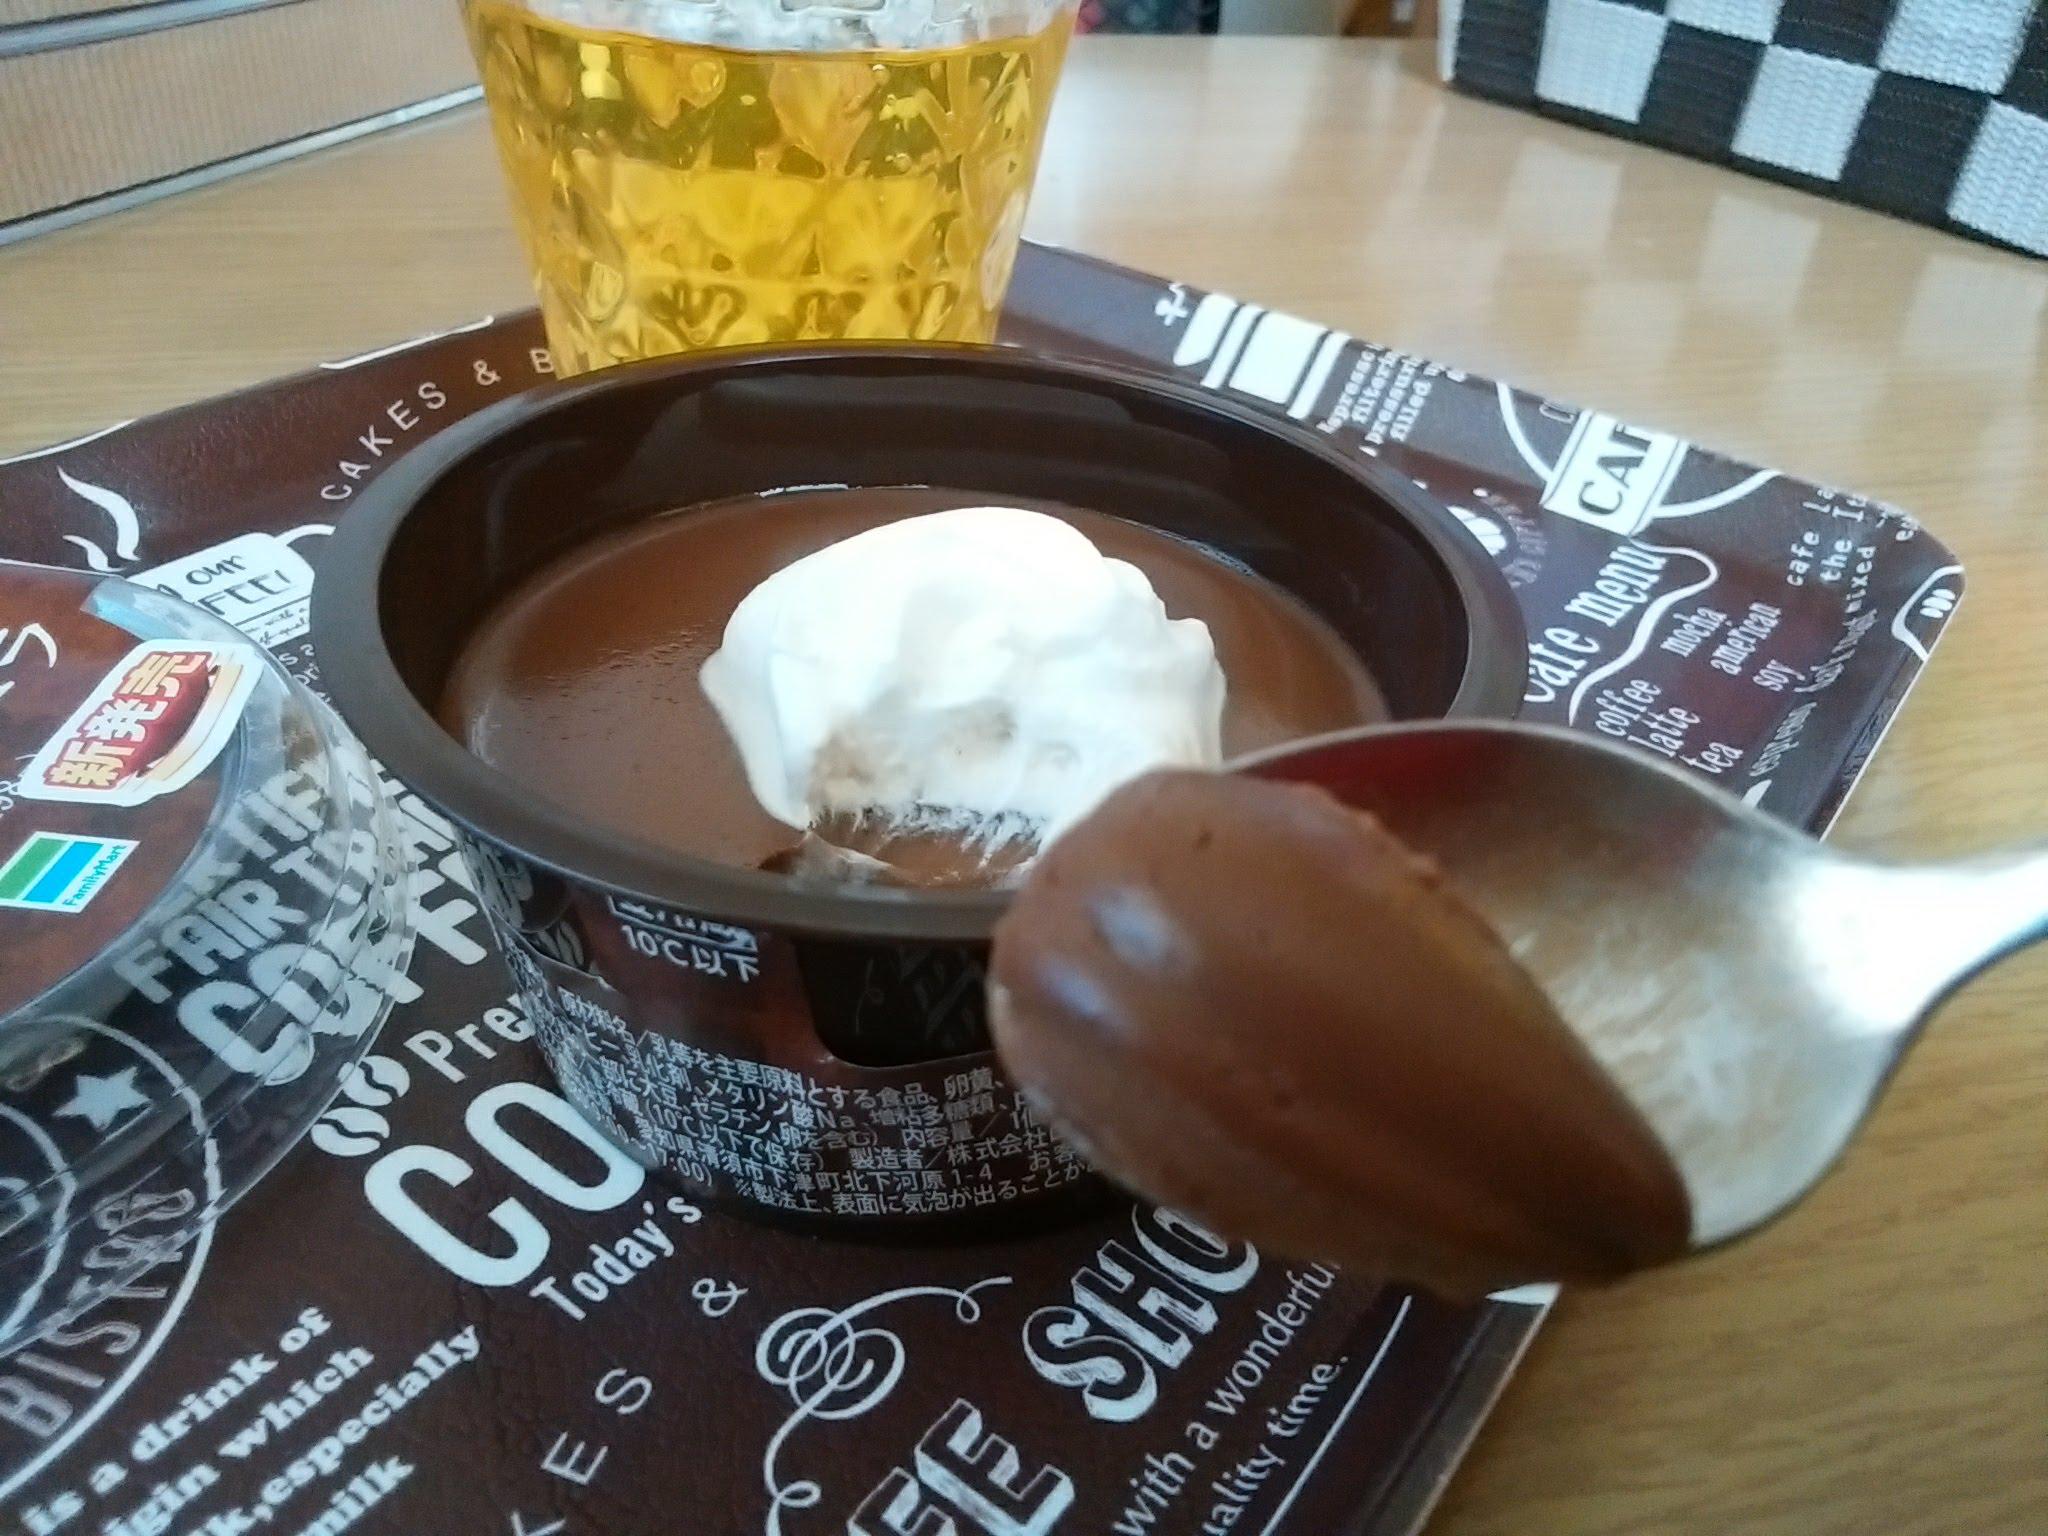 ケンズカフェ東京監修~珈琲薫るクレームショコラ